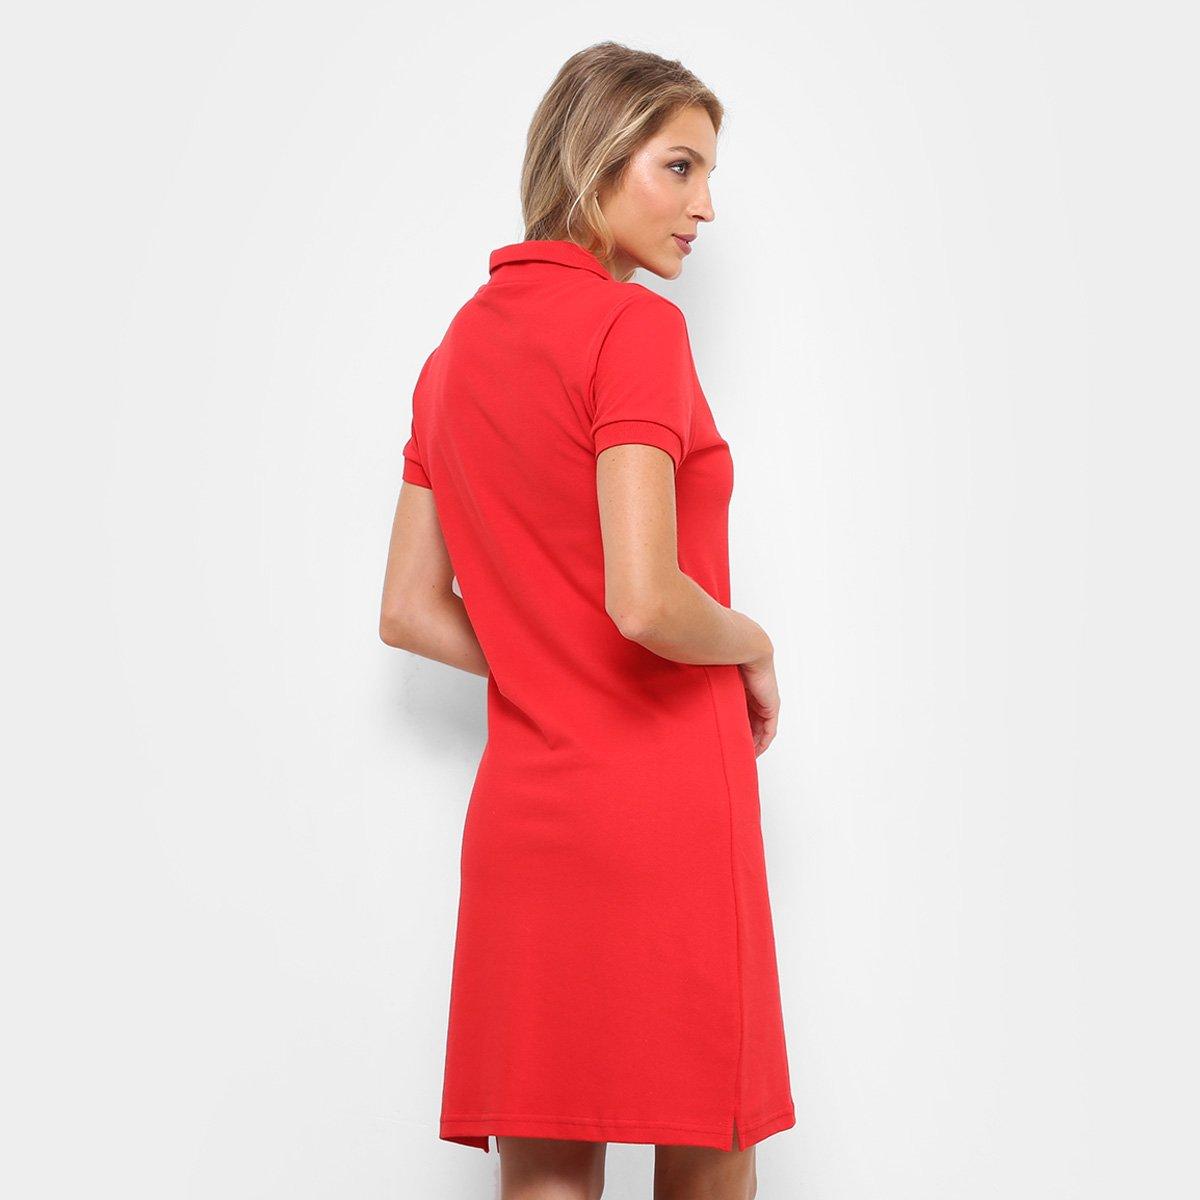 395c9fd4621 ... Vestido RG 518 Curto Polo Com Bordado - Vermelho. FEMININO  OFERTAS   OPEC